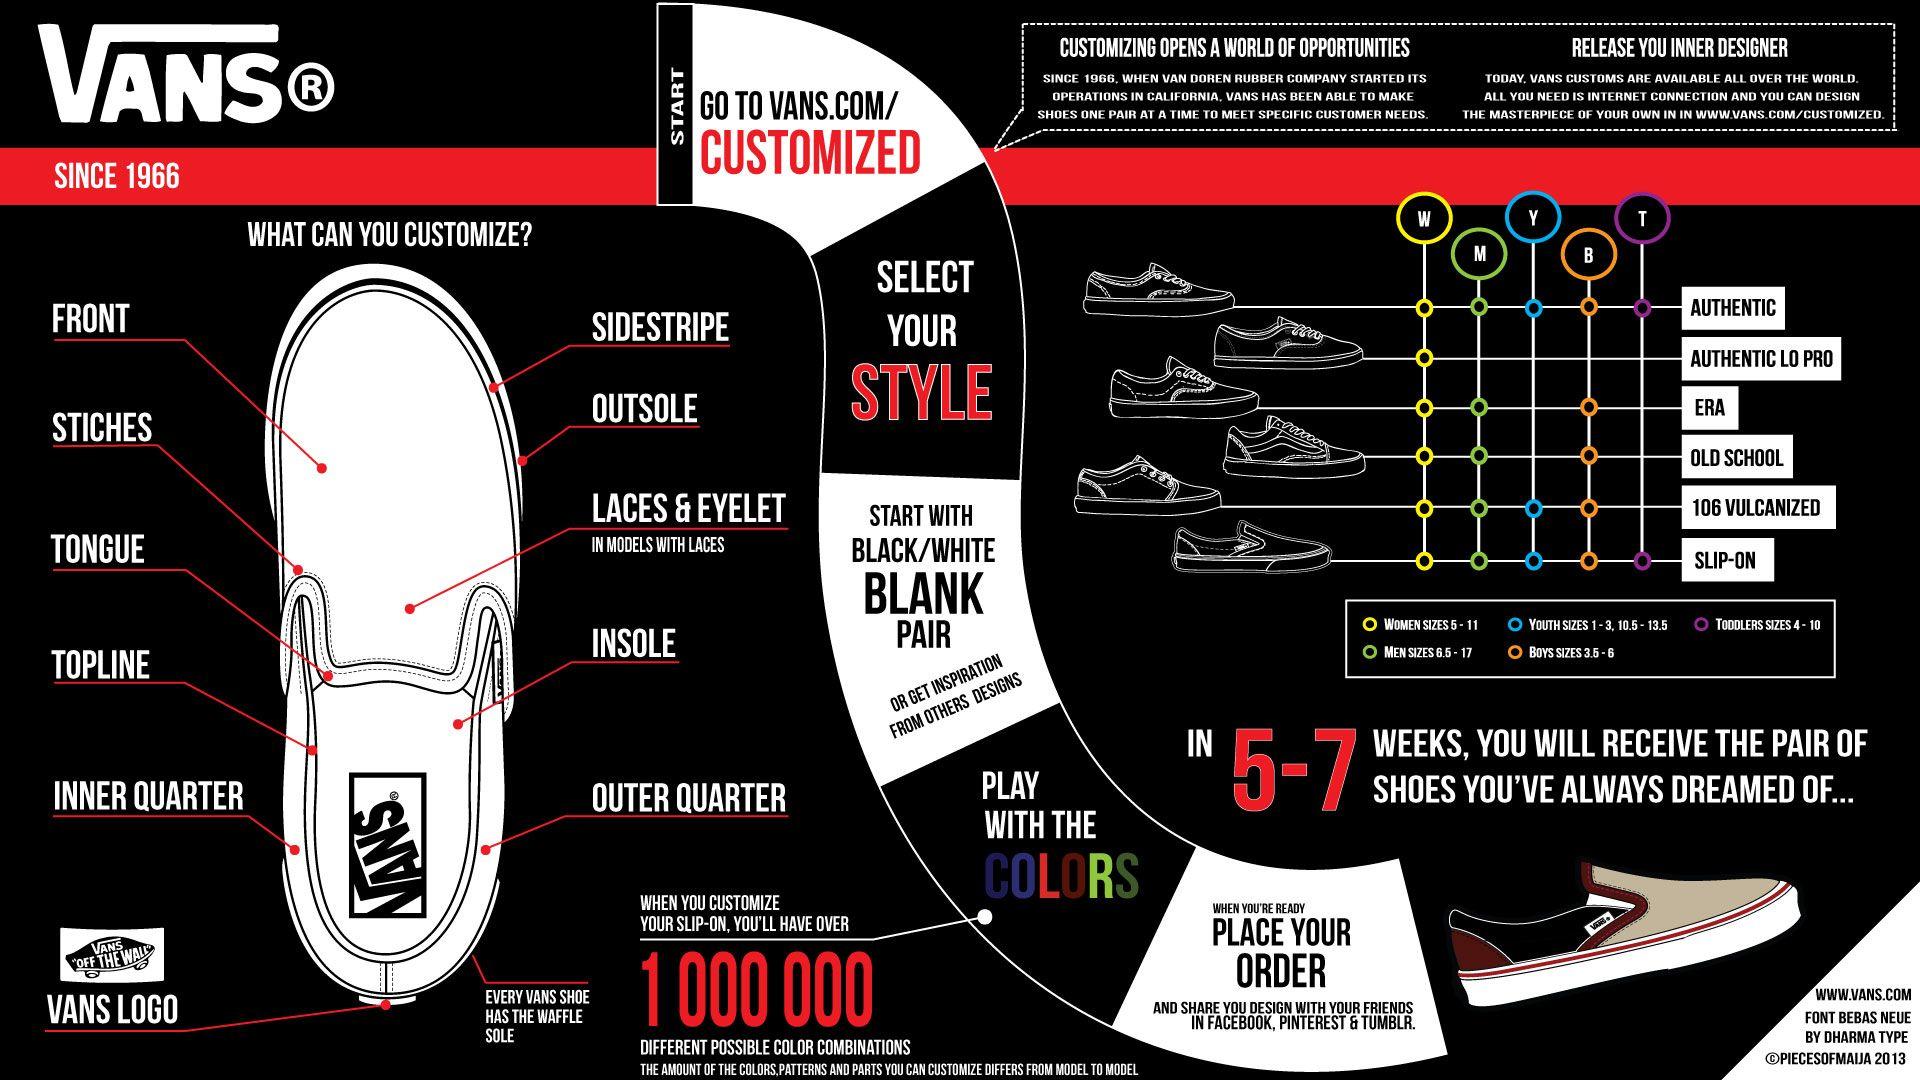 Vans Customized | Graphics | Vans, Infographic, Sneakers